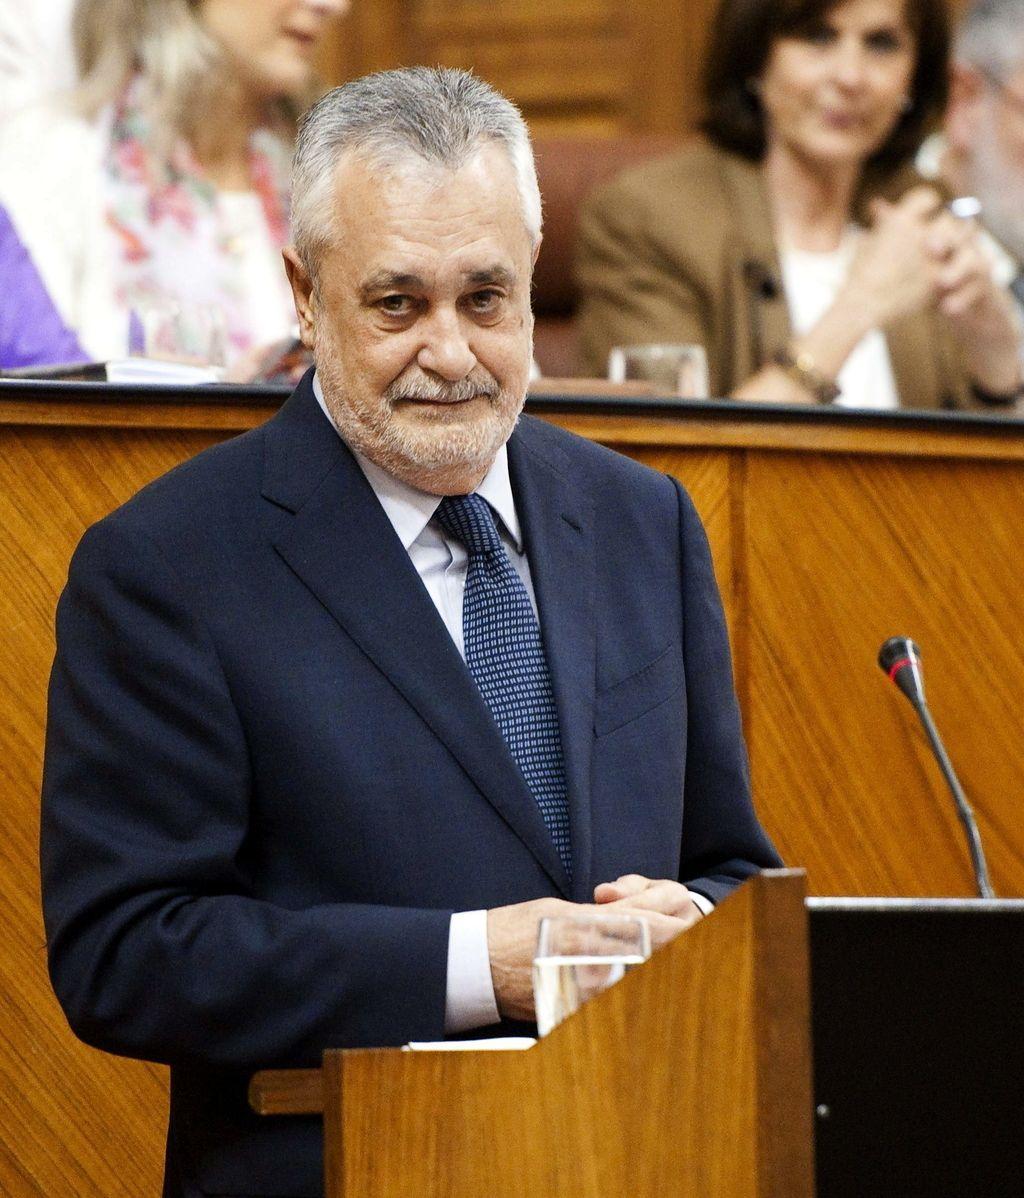 El presidente de la Junta de Andalucía, José Antonio Griñán, durante su comparecencia a petición propia, hoy en el Parlamento andaluz, para dar explicaciones por el caso de los ERE